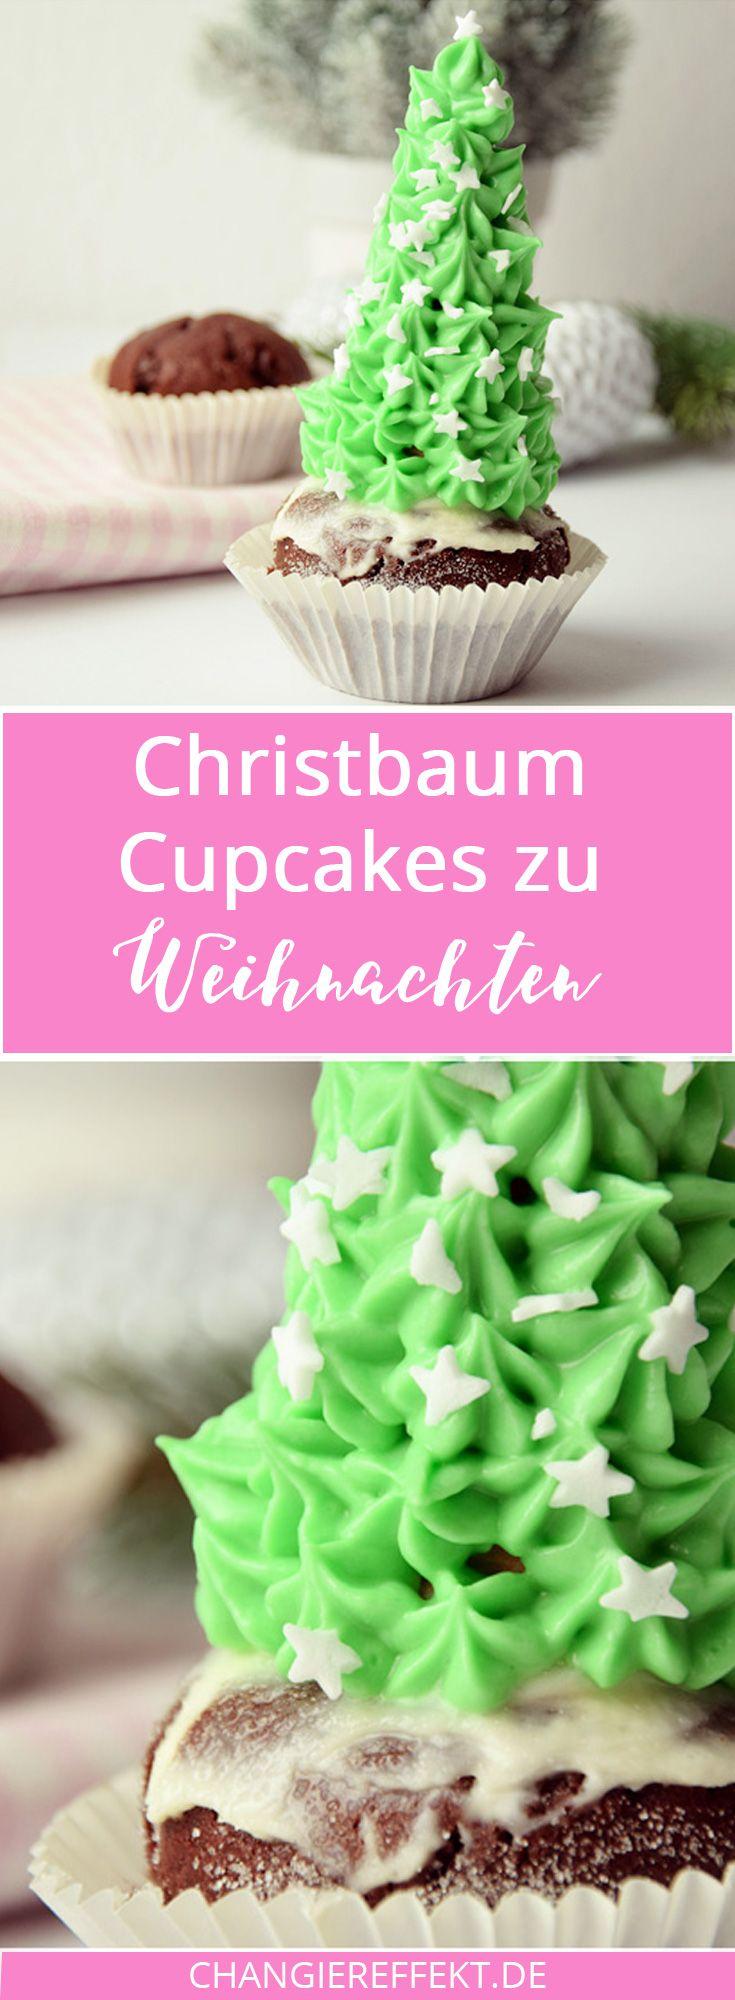 Weihnachtsbaum auf einem Cupcake? Geht ganz einfach! In meinem Rezept verrate ich dir, wie ich diesen hohen Christbaum Cupcake gemacht habe.